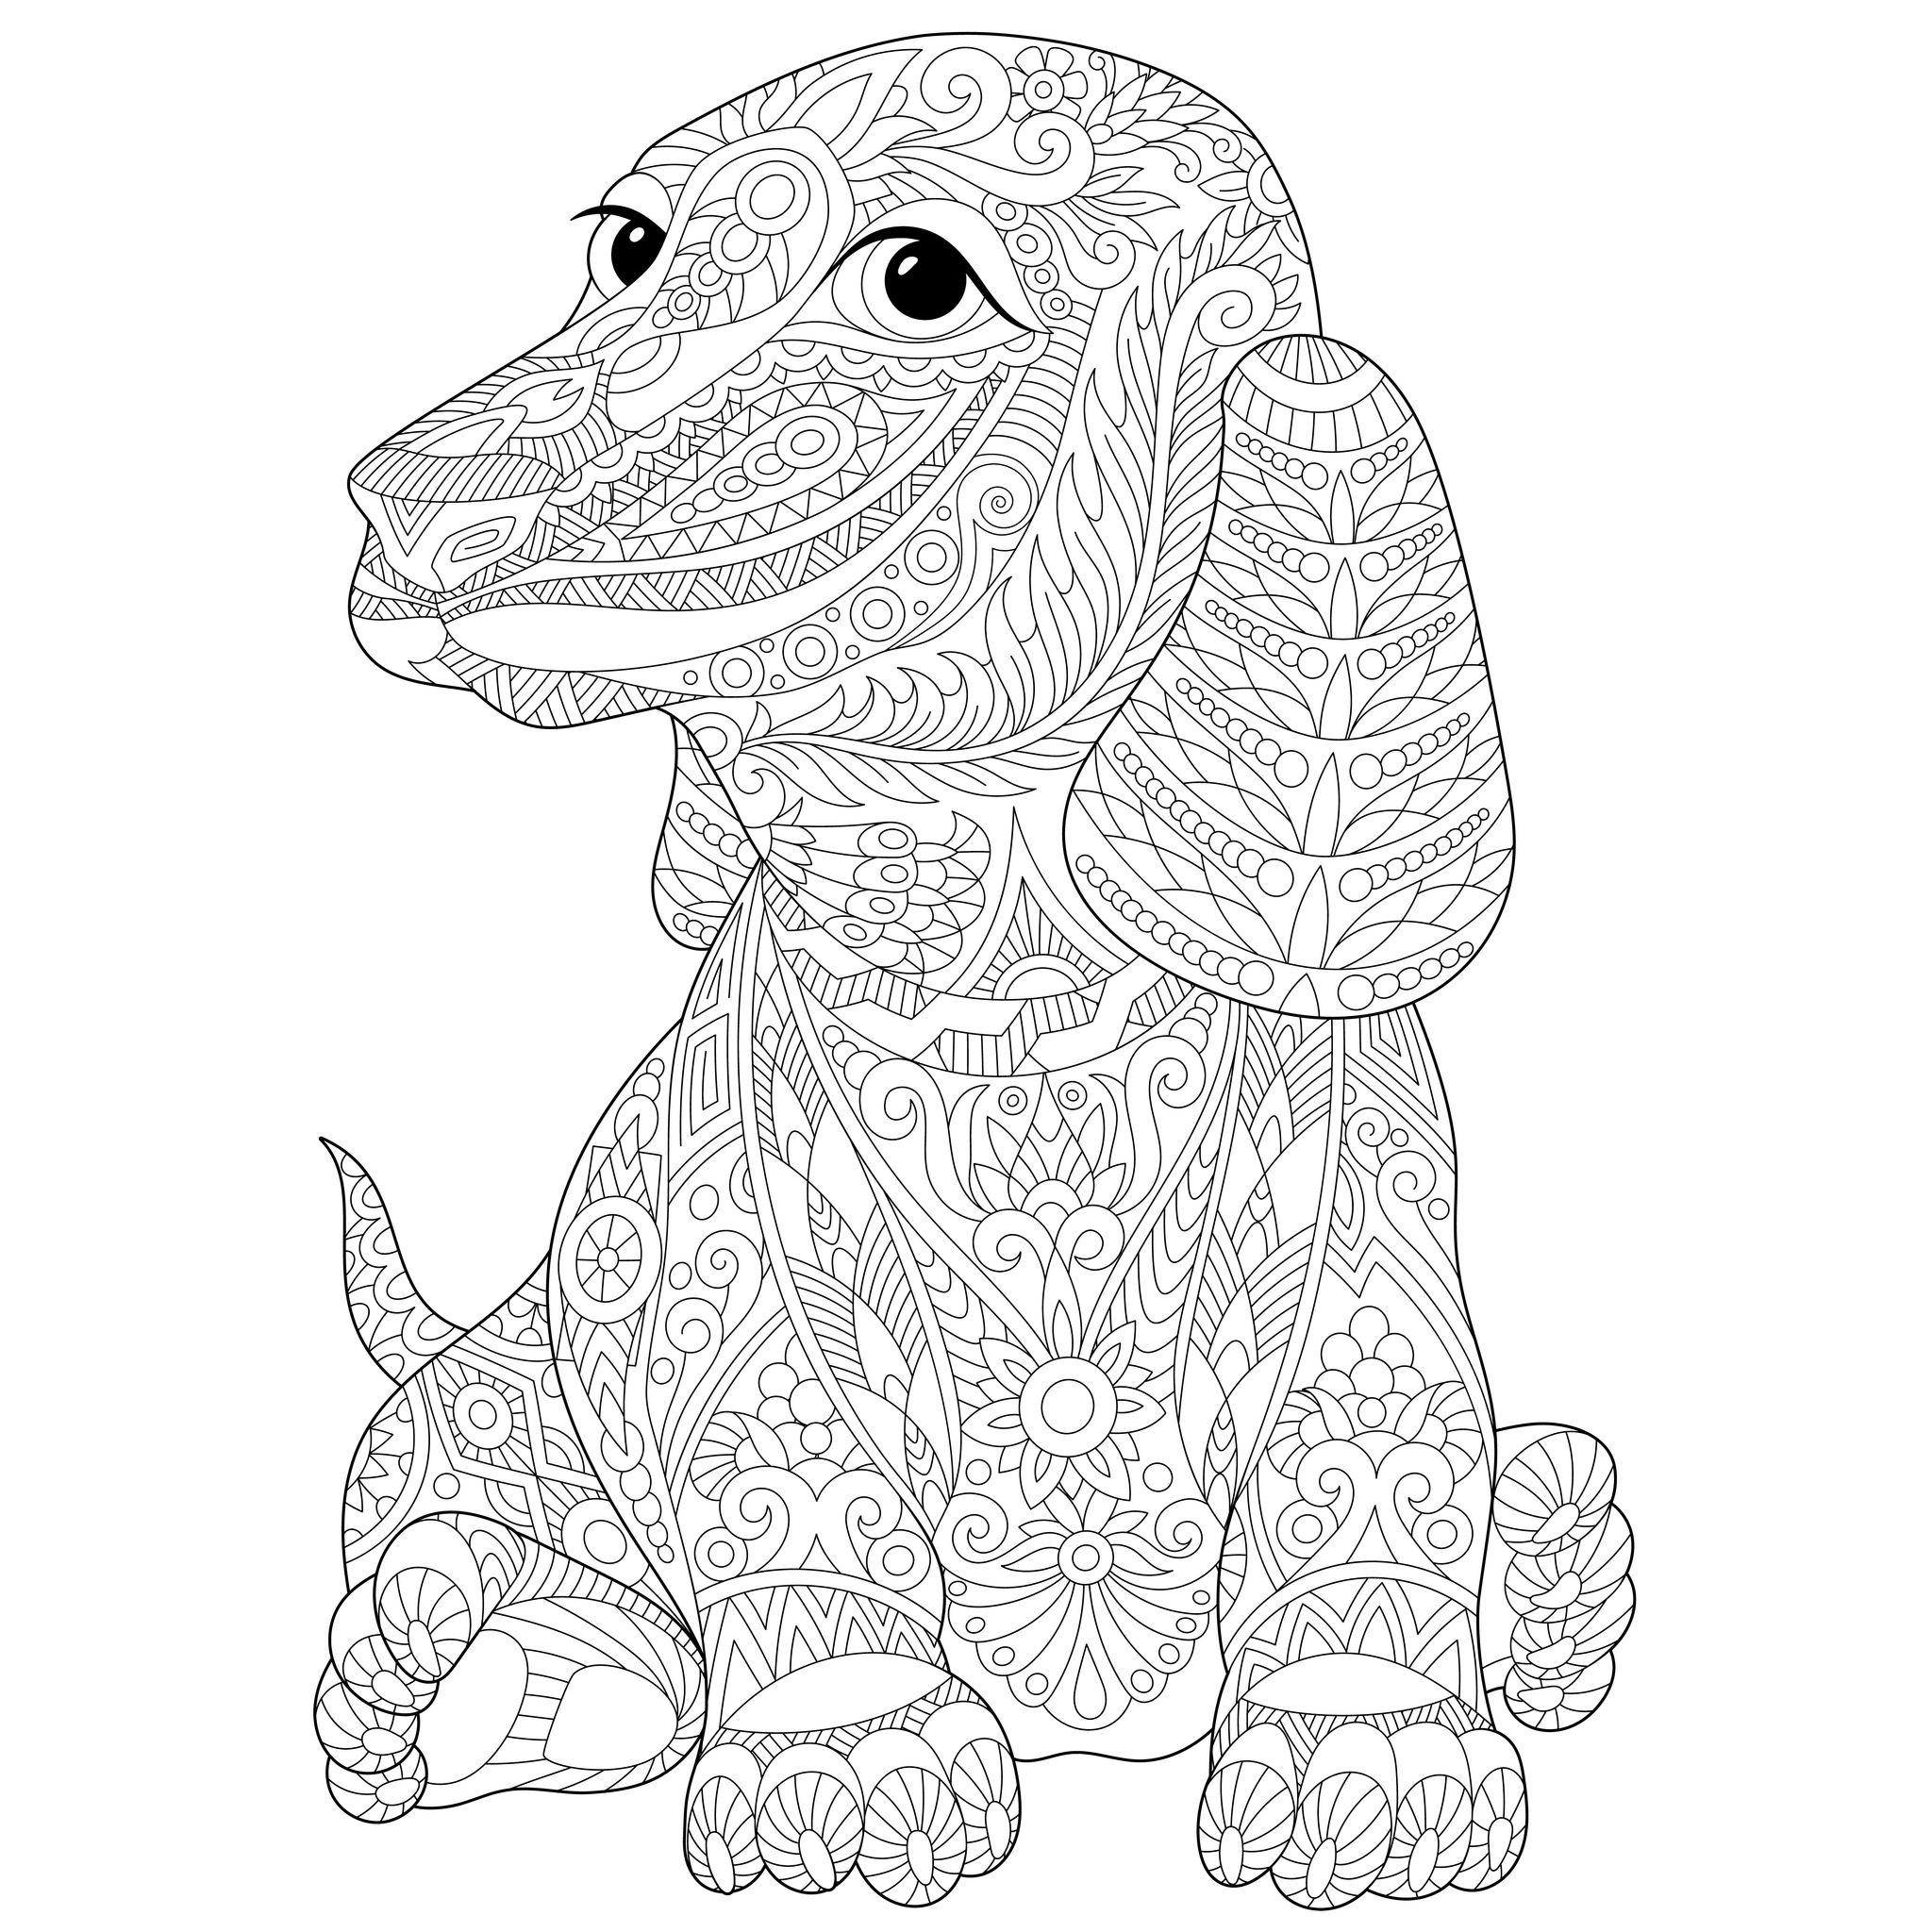 Perros 86091 - Perros - Colorear para Adultos